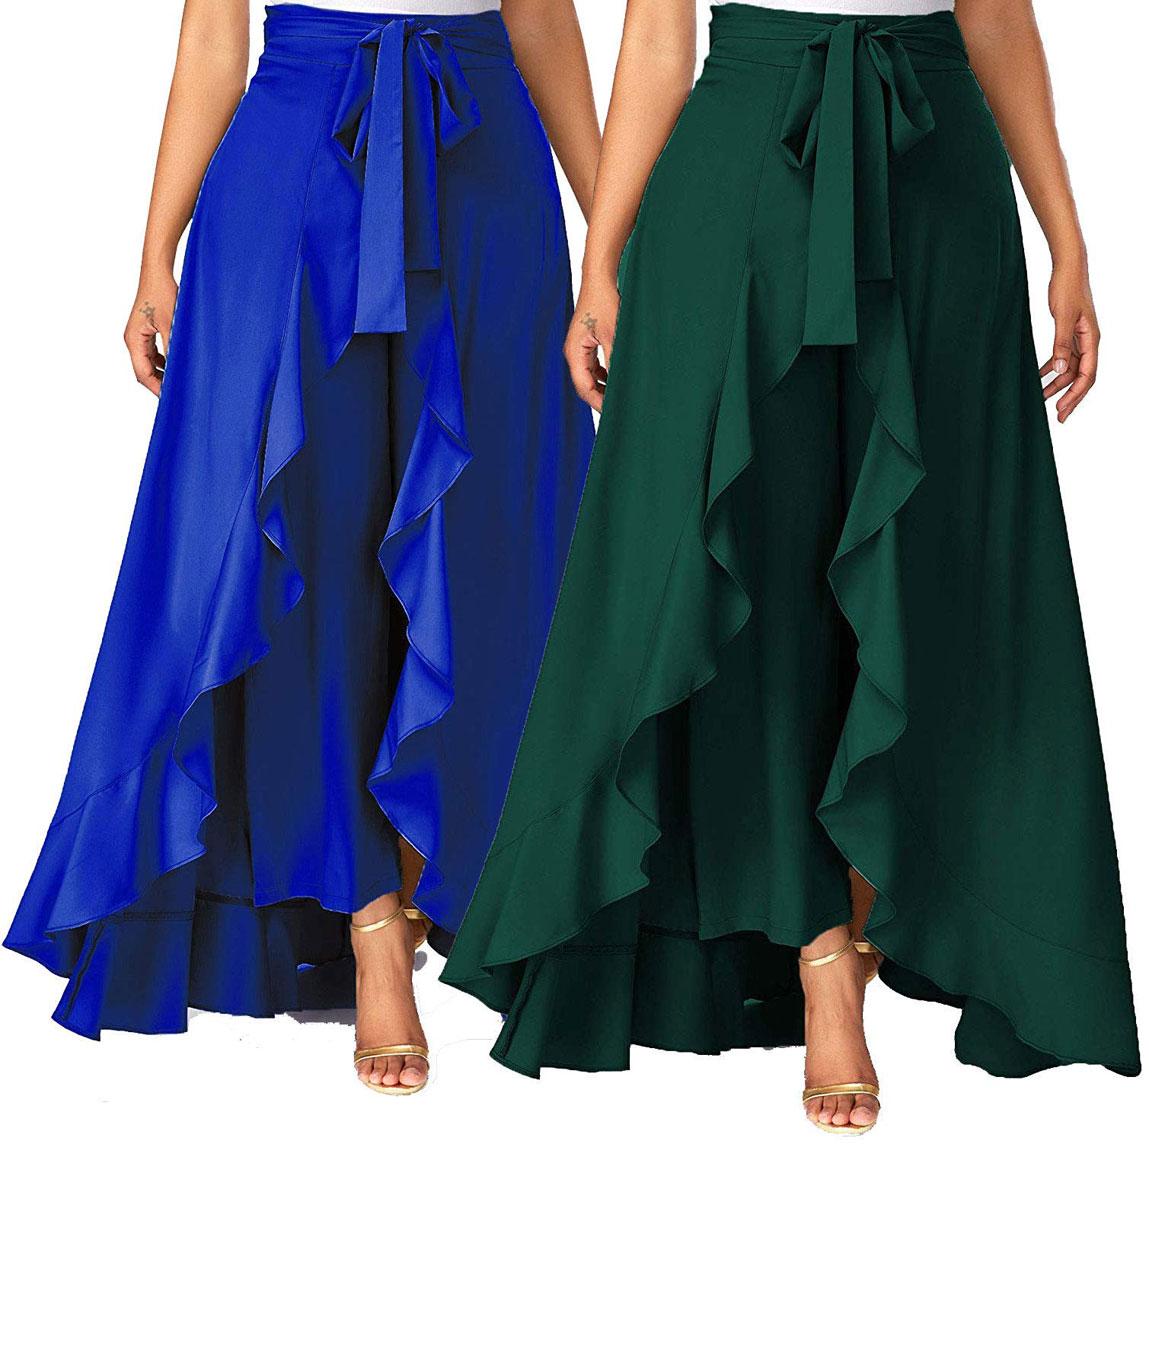 Women`s/Girls Crepe Solid Tie-Waist Layered/Ruffle Skirt Palazzo(blue&dark green)